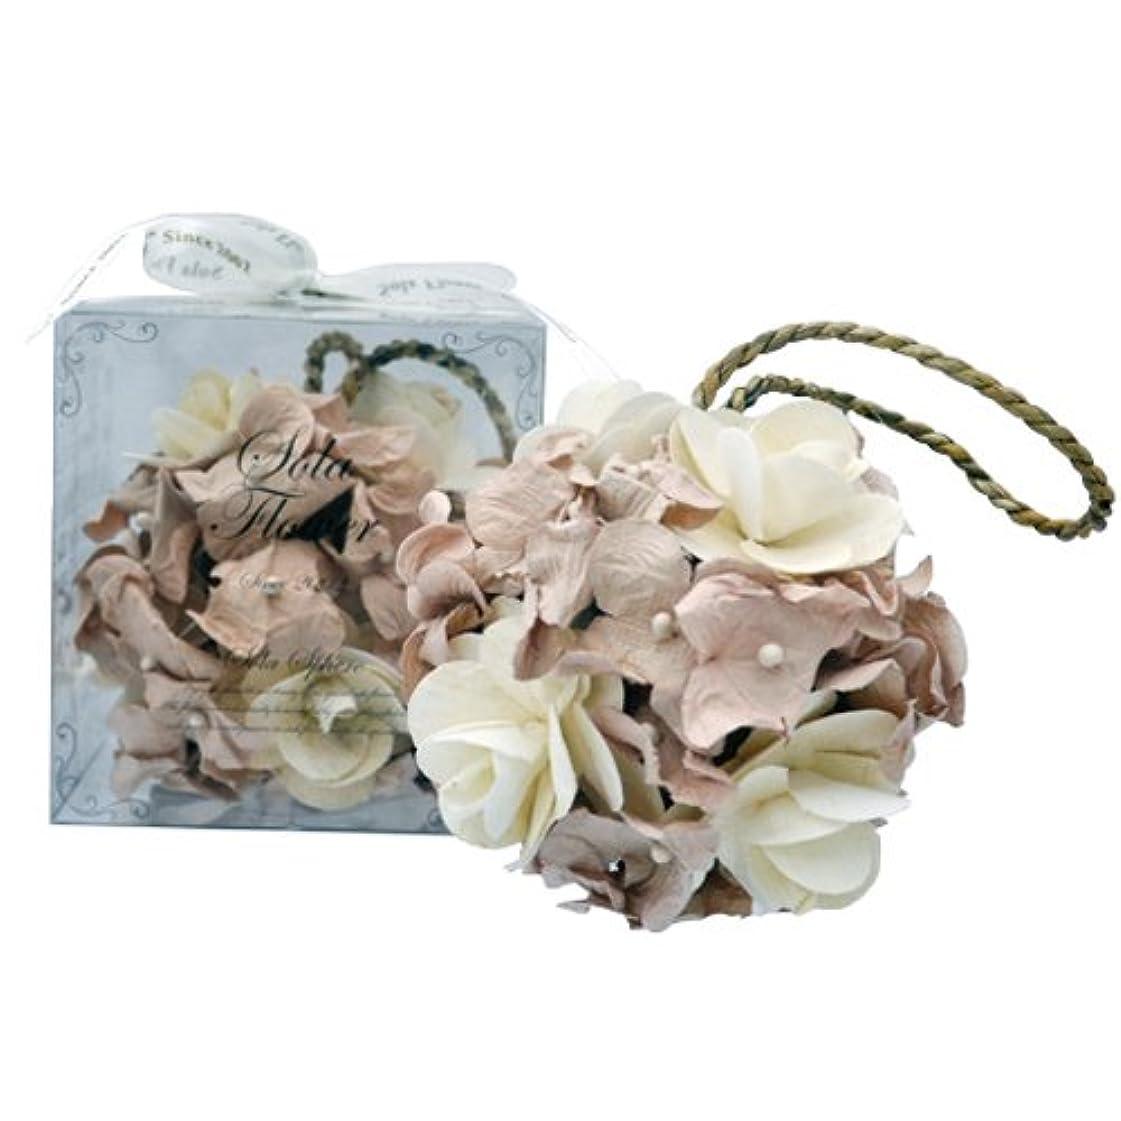 借りる知恵故意のnew Sola Flower ソラフラワー スフィア Original Rose オリジナルローズ Sphere